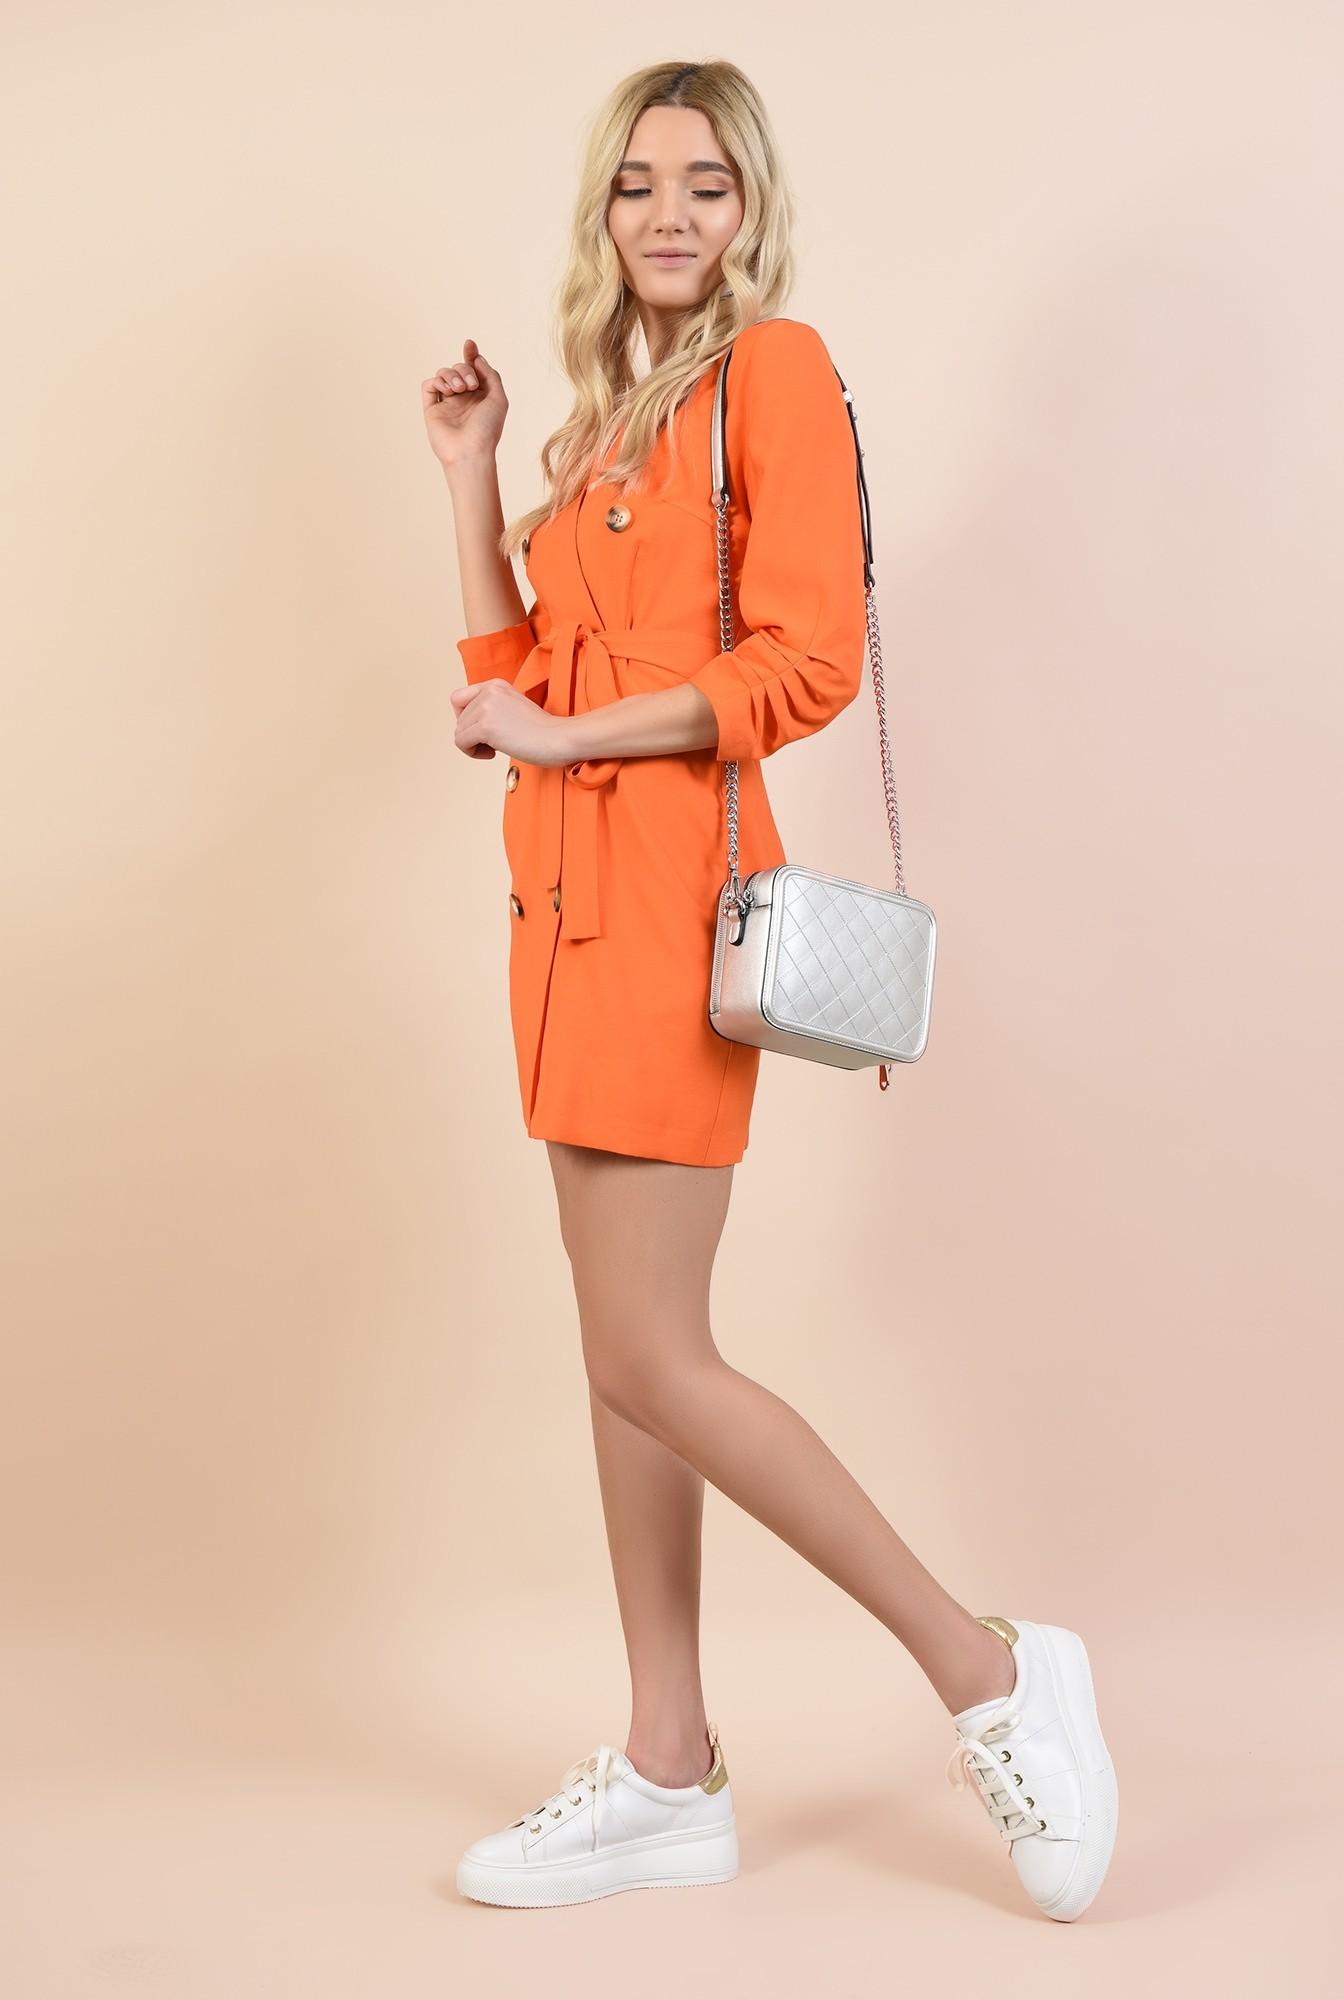 0 - 360 - rochie orange, casual, scurta, cu buzunare, fronseuri la maneci, cu nasturi